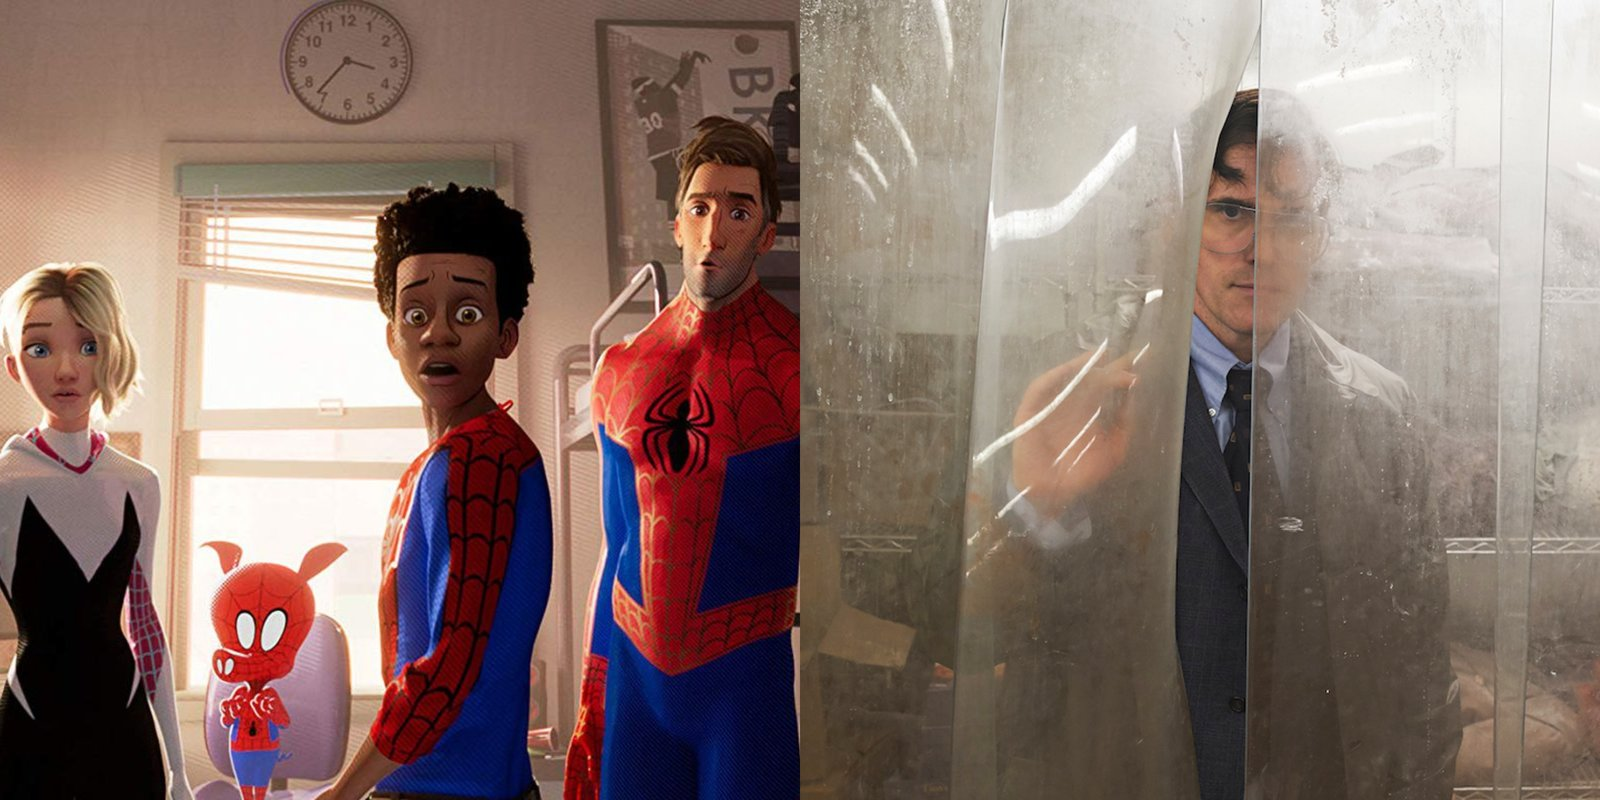 Spider-Man: Into the Spider-Verse, The House that Jack Built, Zirnekļcilvēks: Ceļojums Zirnekļpasaulē, Māja, ko uzcēla Džeks